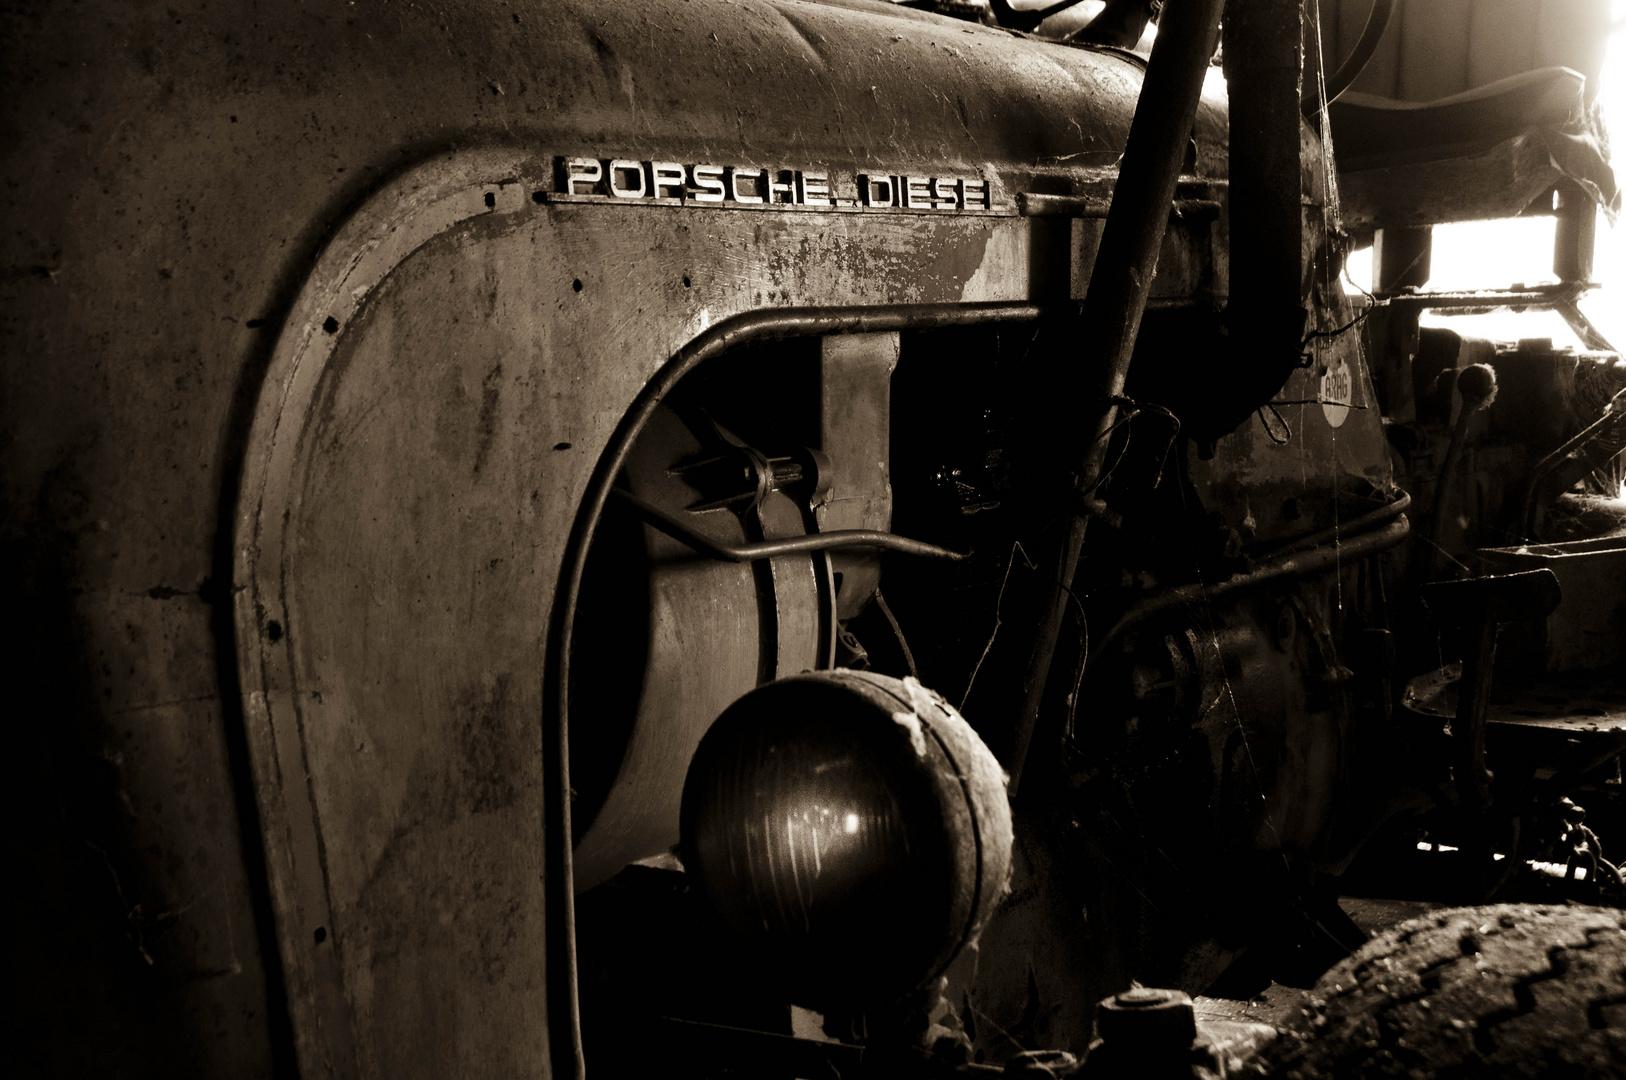 Detail alter Porsche